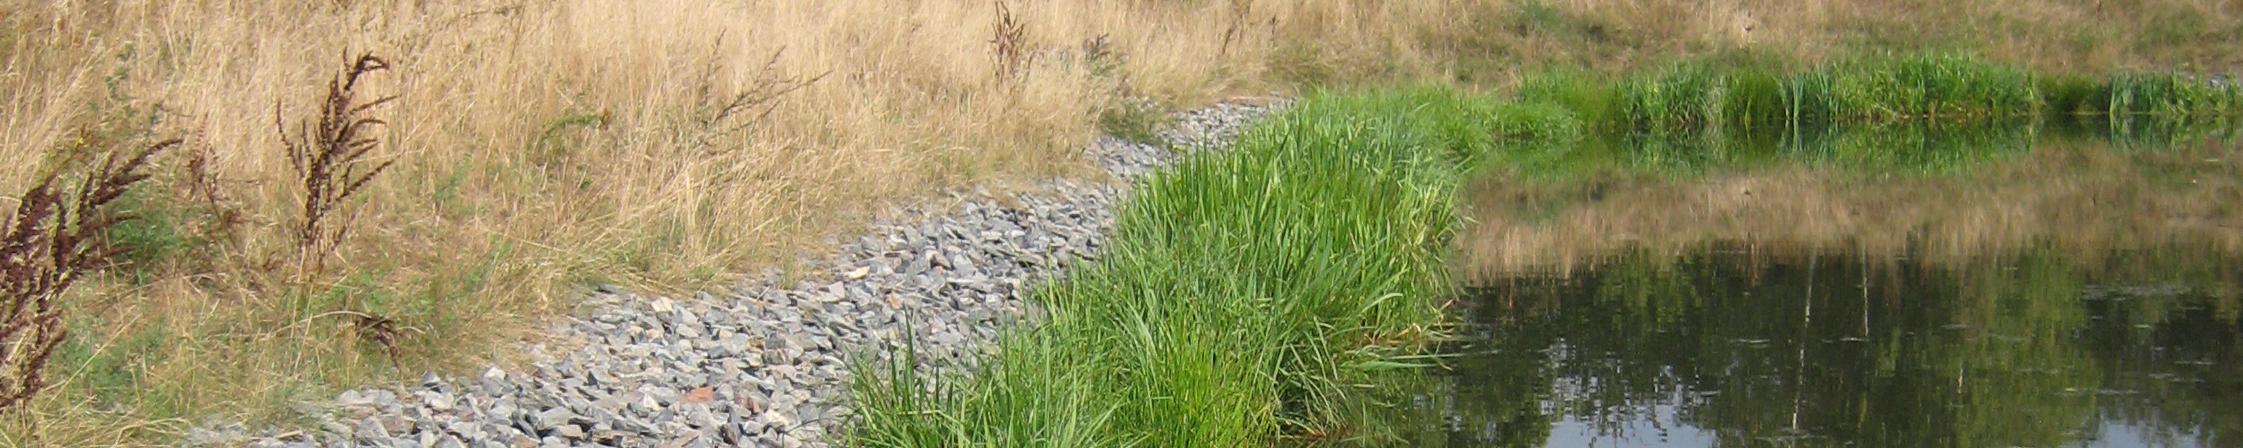 Vegetační rohože